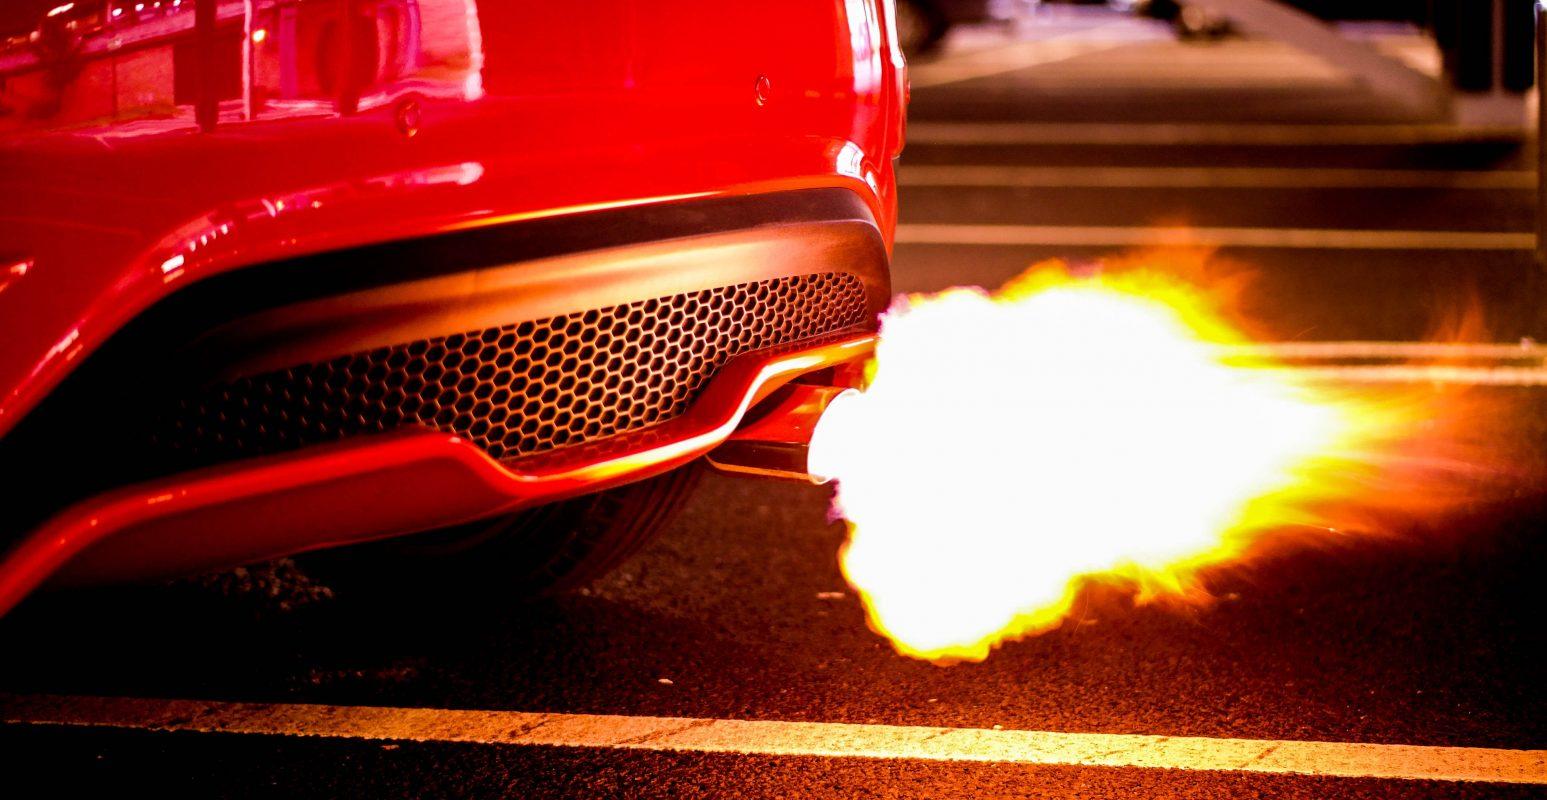 Emissieloze auto's: wat verandert er voor het verdienmodel van de autodealer?